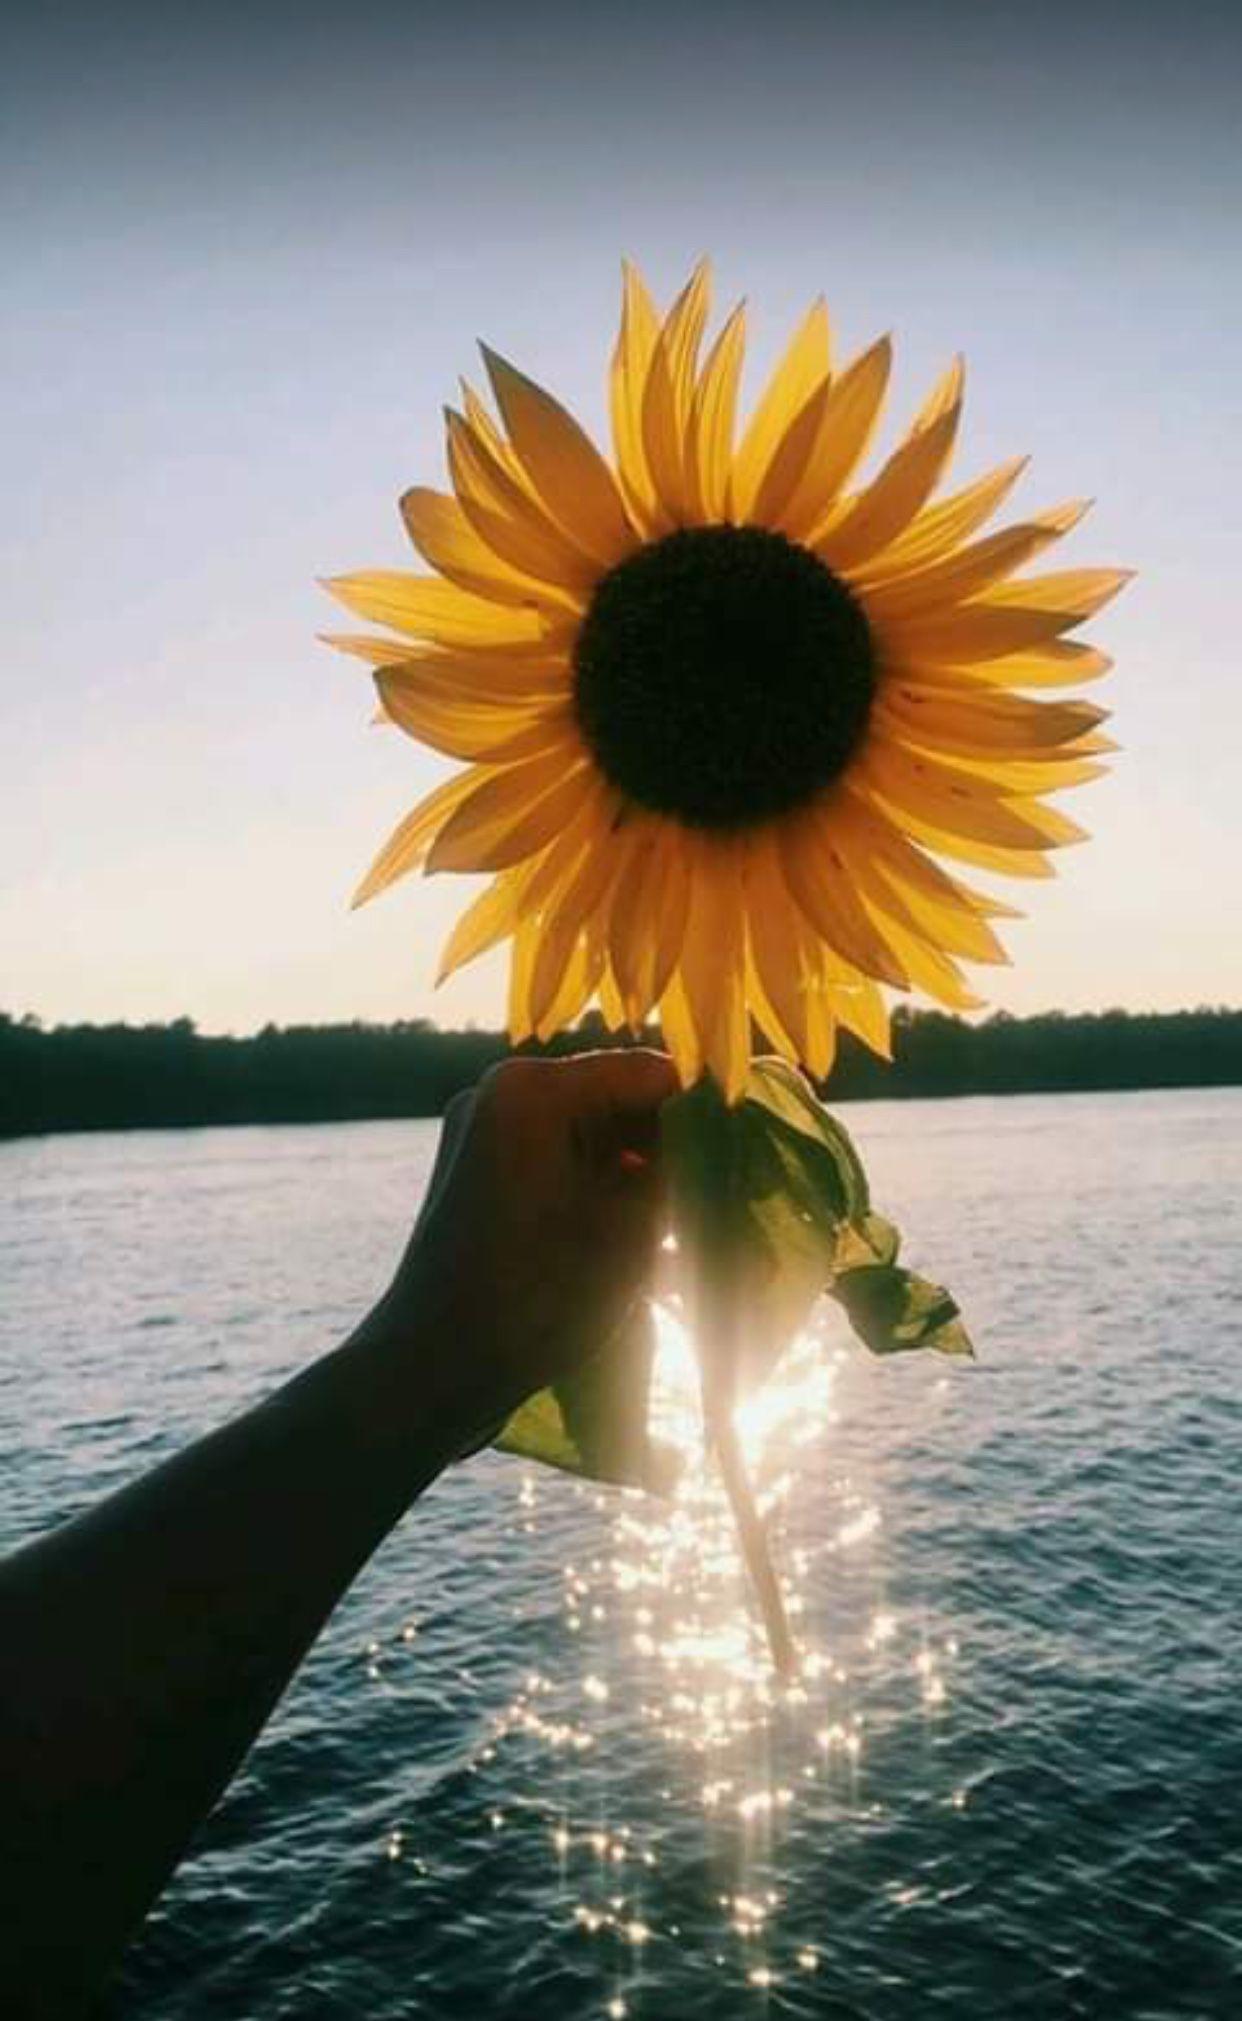 Ảnh nền điện thoại di động bông hoa hướng dương ngược nắng